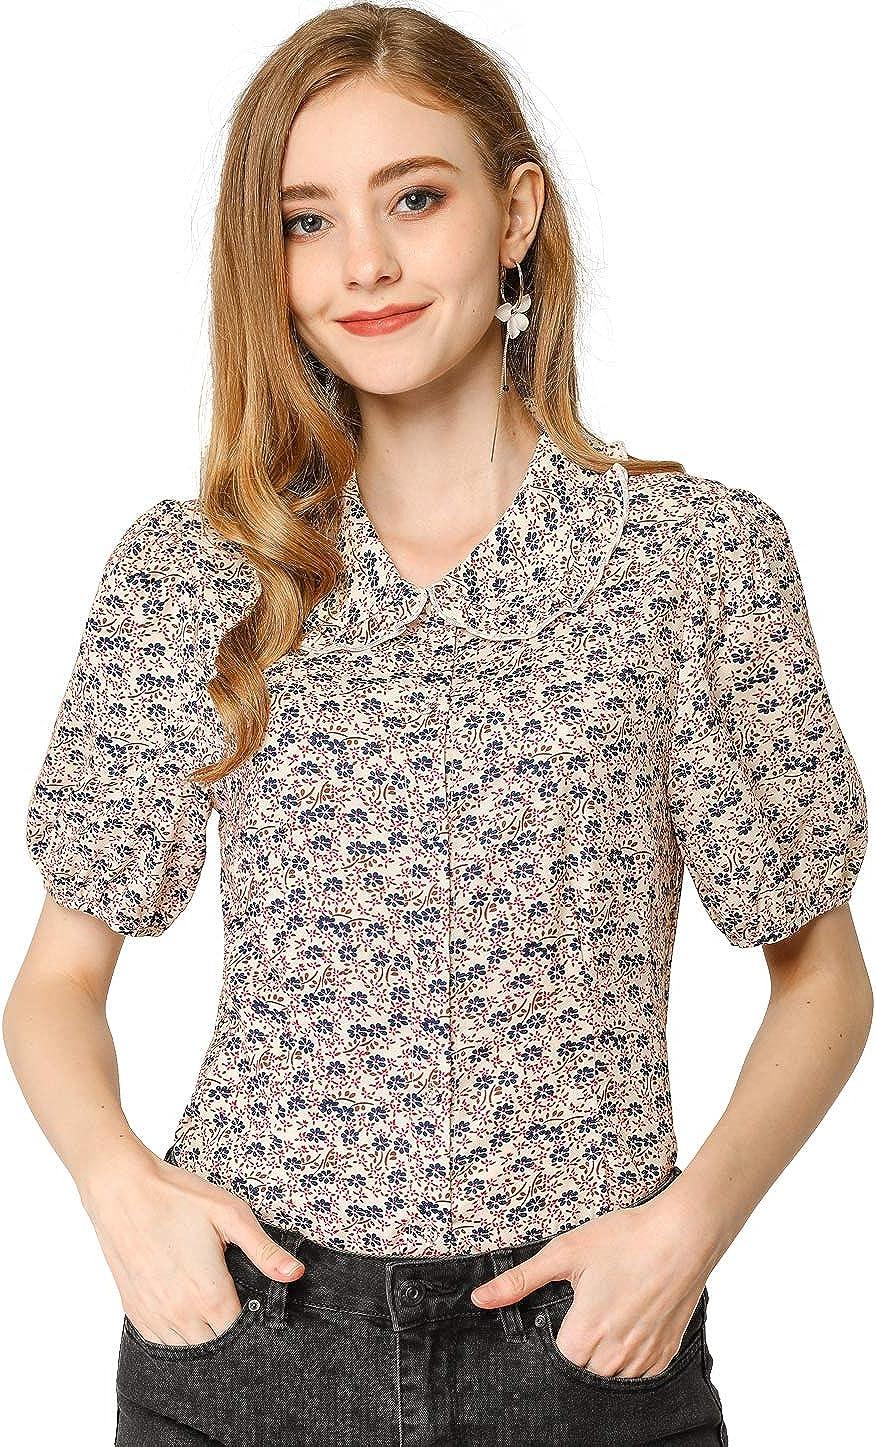 Allegra K Women's Ruffle Peter Pan Collar Button Down Puff Sleeves Floral Print Shirt Top